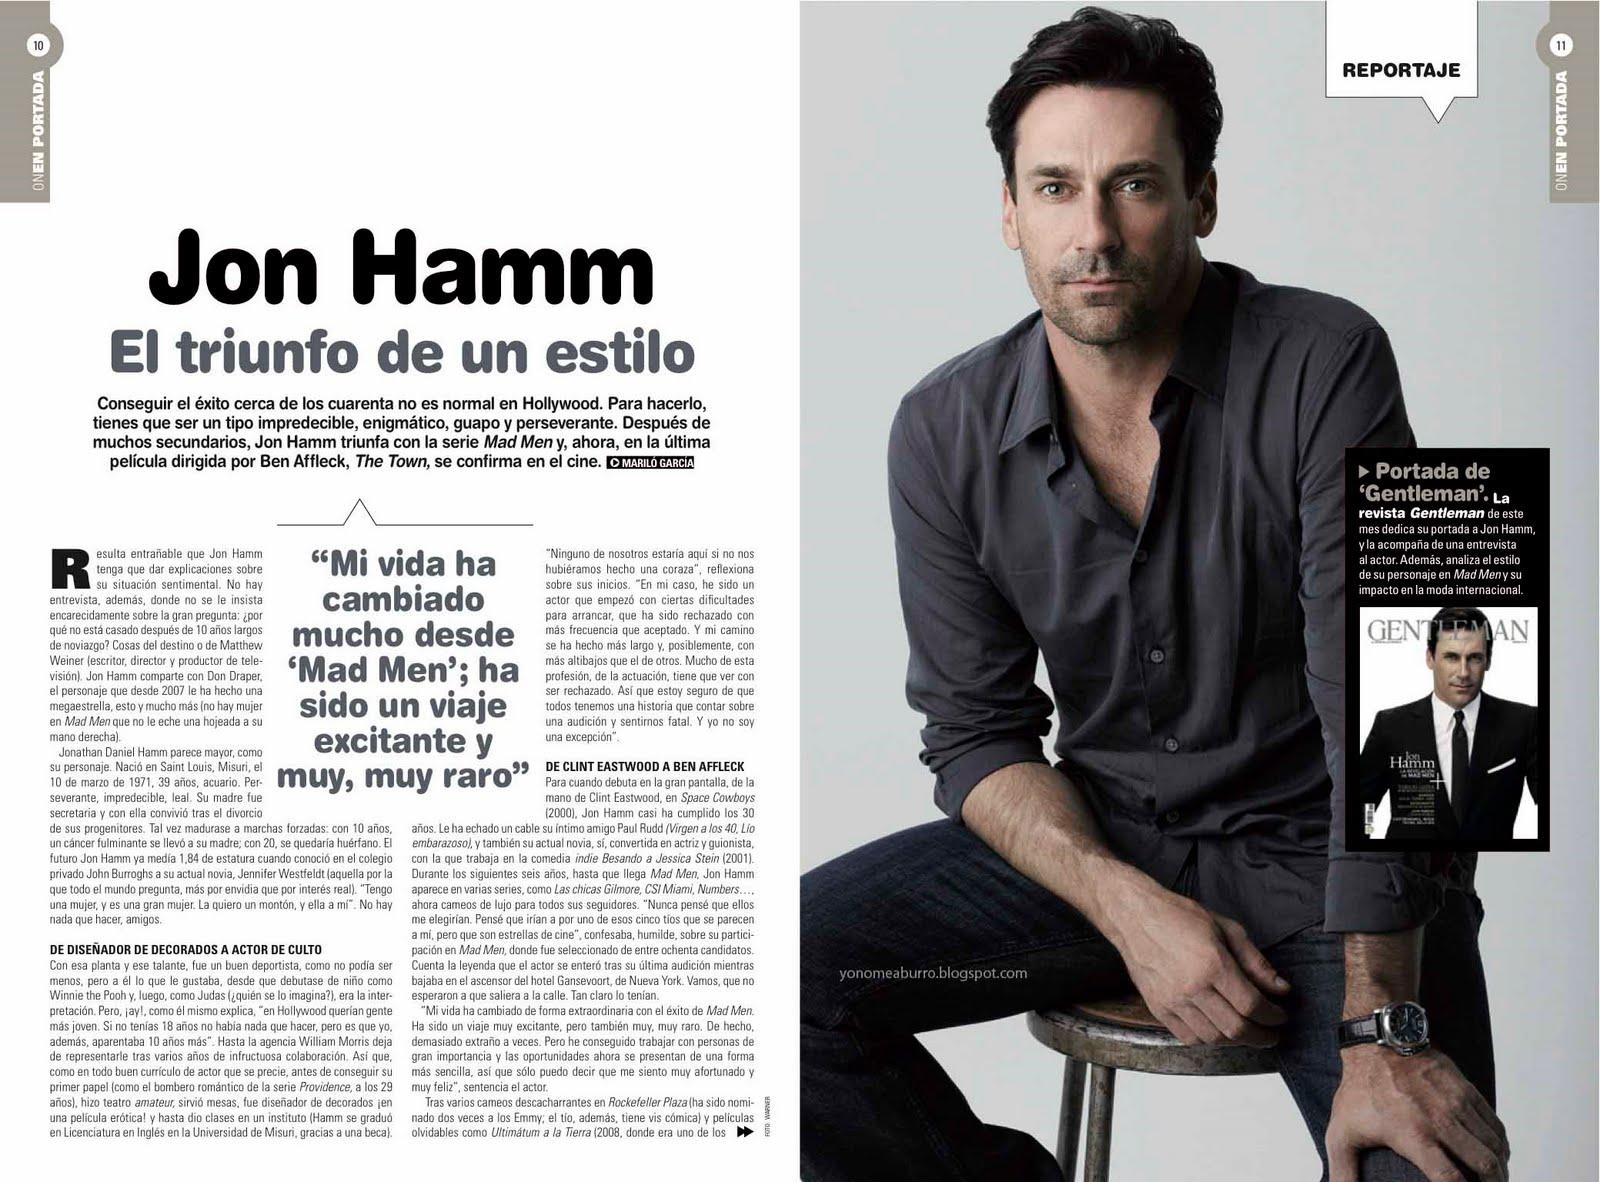 http://yonomeaburro.blogspot.com.es/2010/10/mi-reportaje-de-jon-hamm-mad-men-hoy-en.html